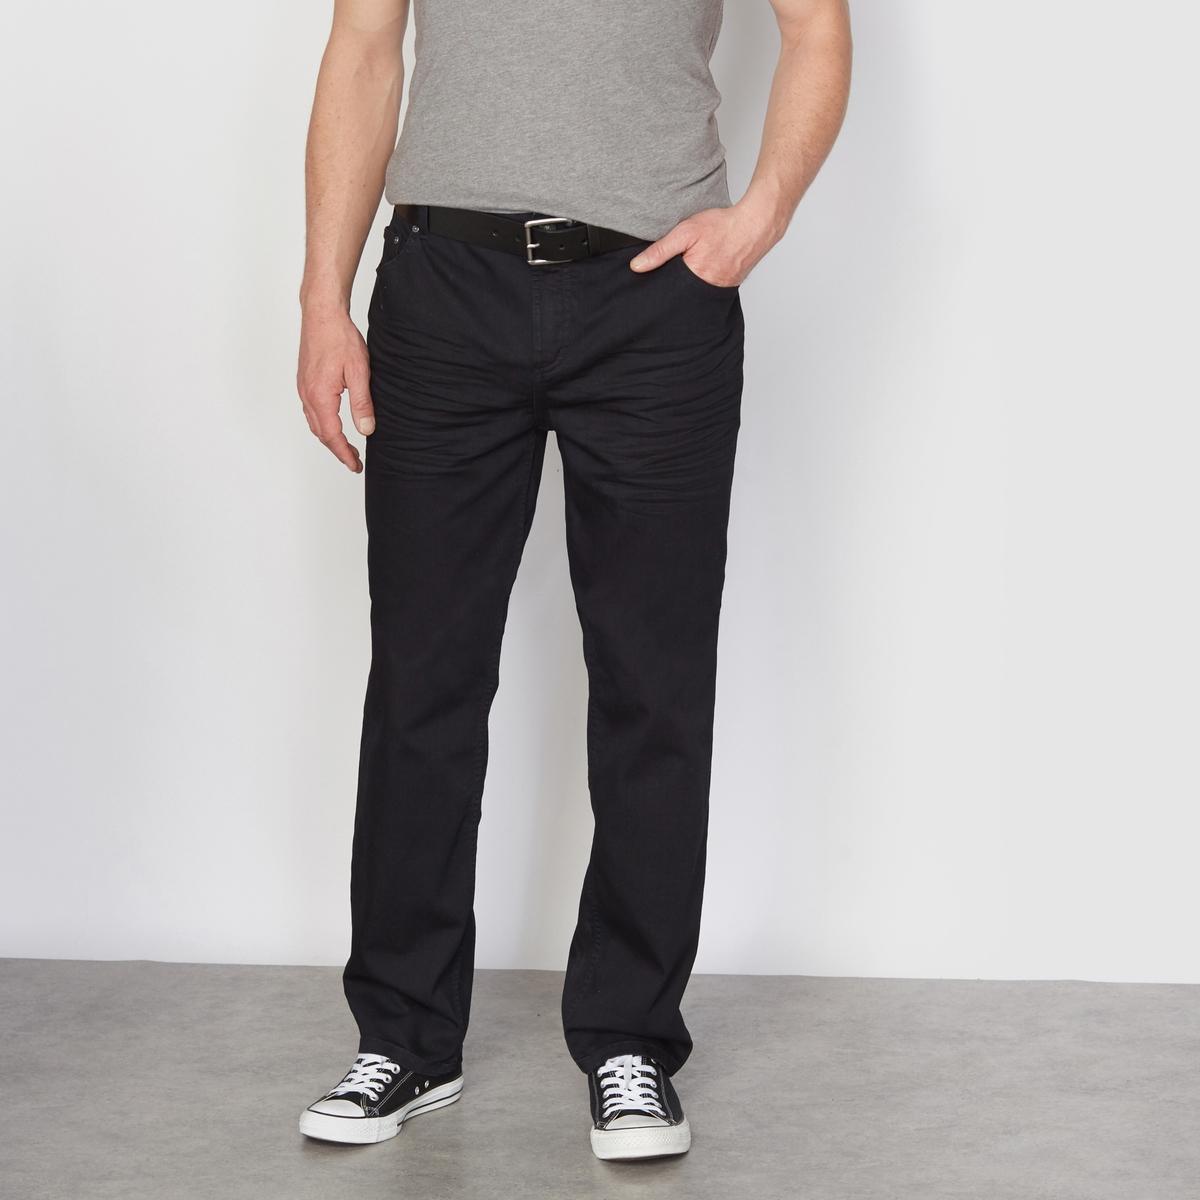 Джинсы из денима стретч черного цвета, средней степени эластичности